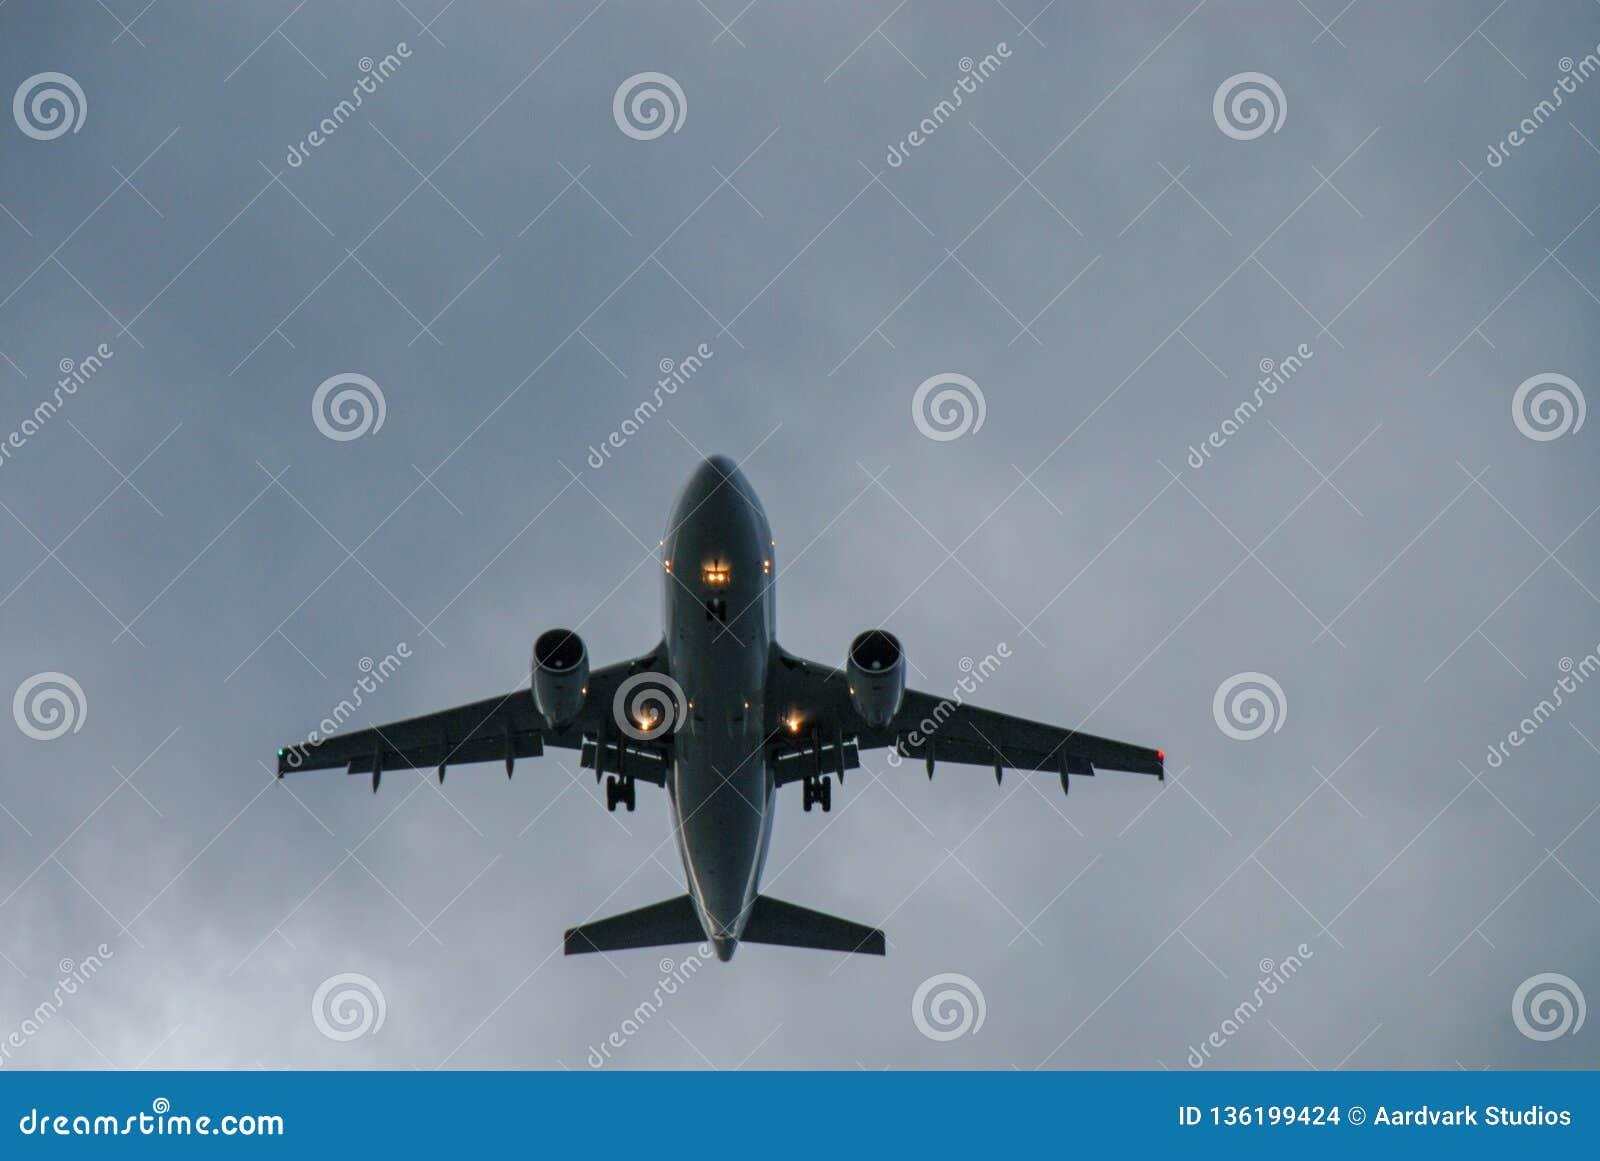 Avião de Comercial que decola na noite